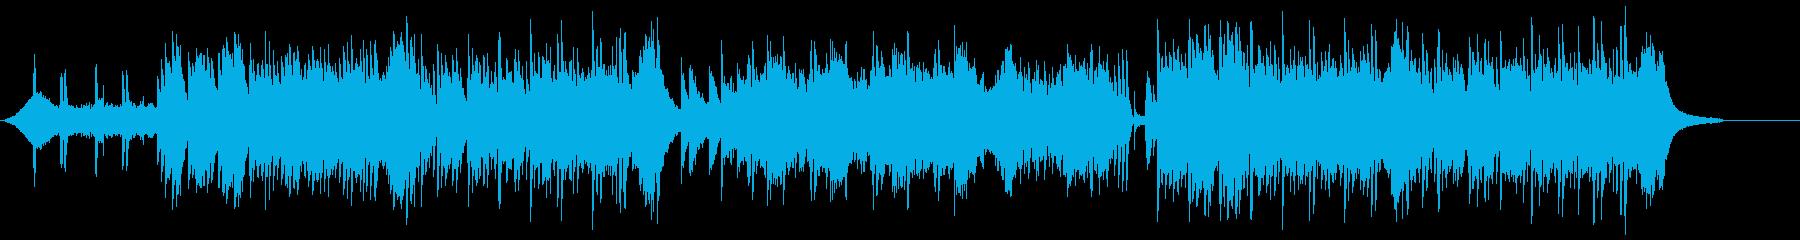 ピアノ主体の和風ホラー、伝奇系 1の再生済みの波形